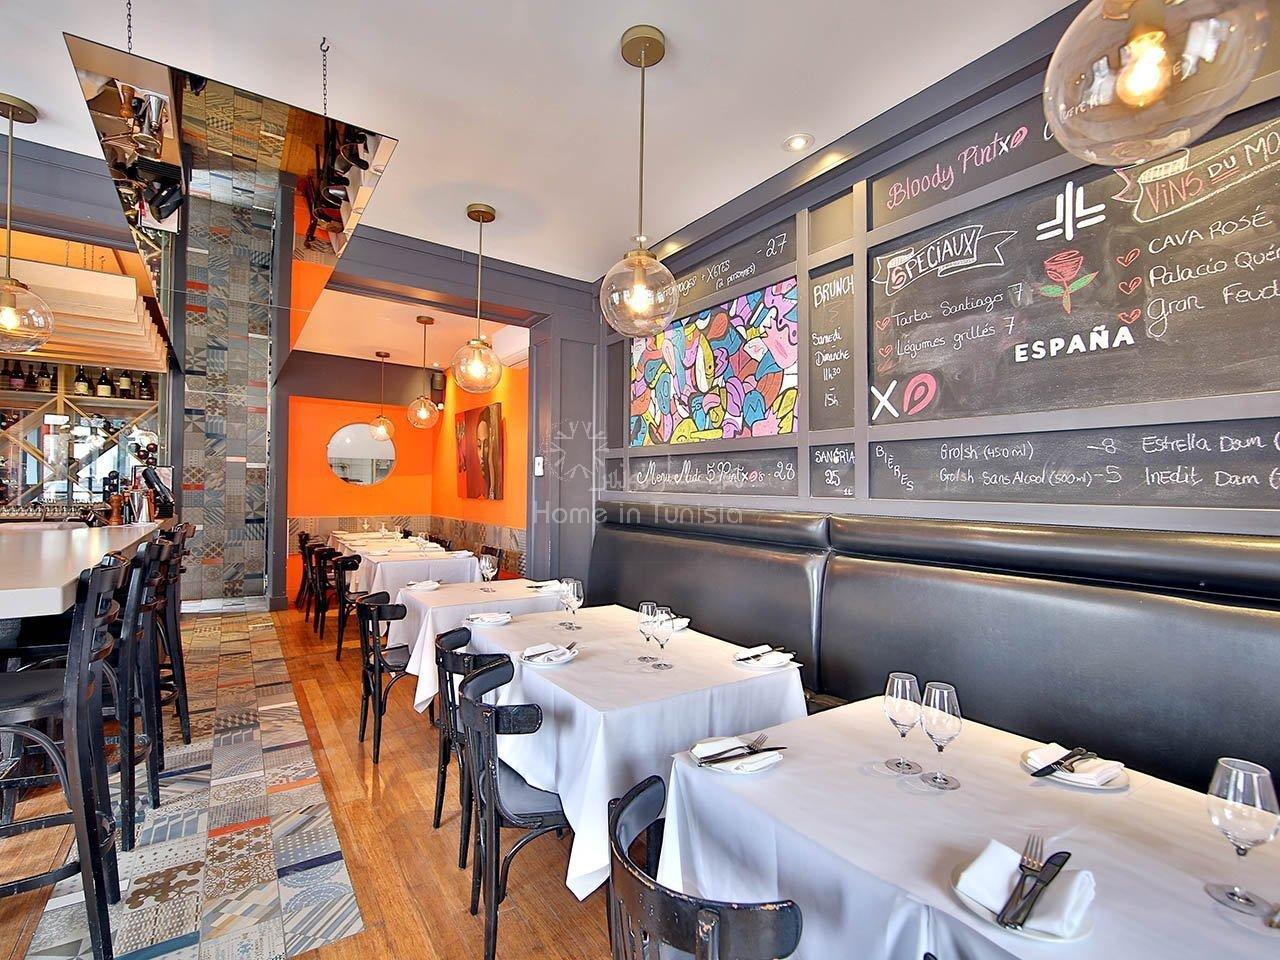 Restaurant Pizzeria zone pietone